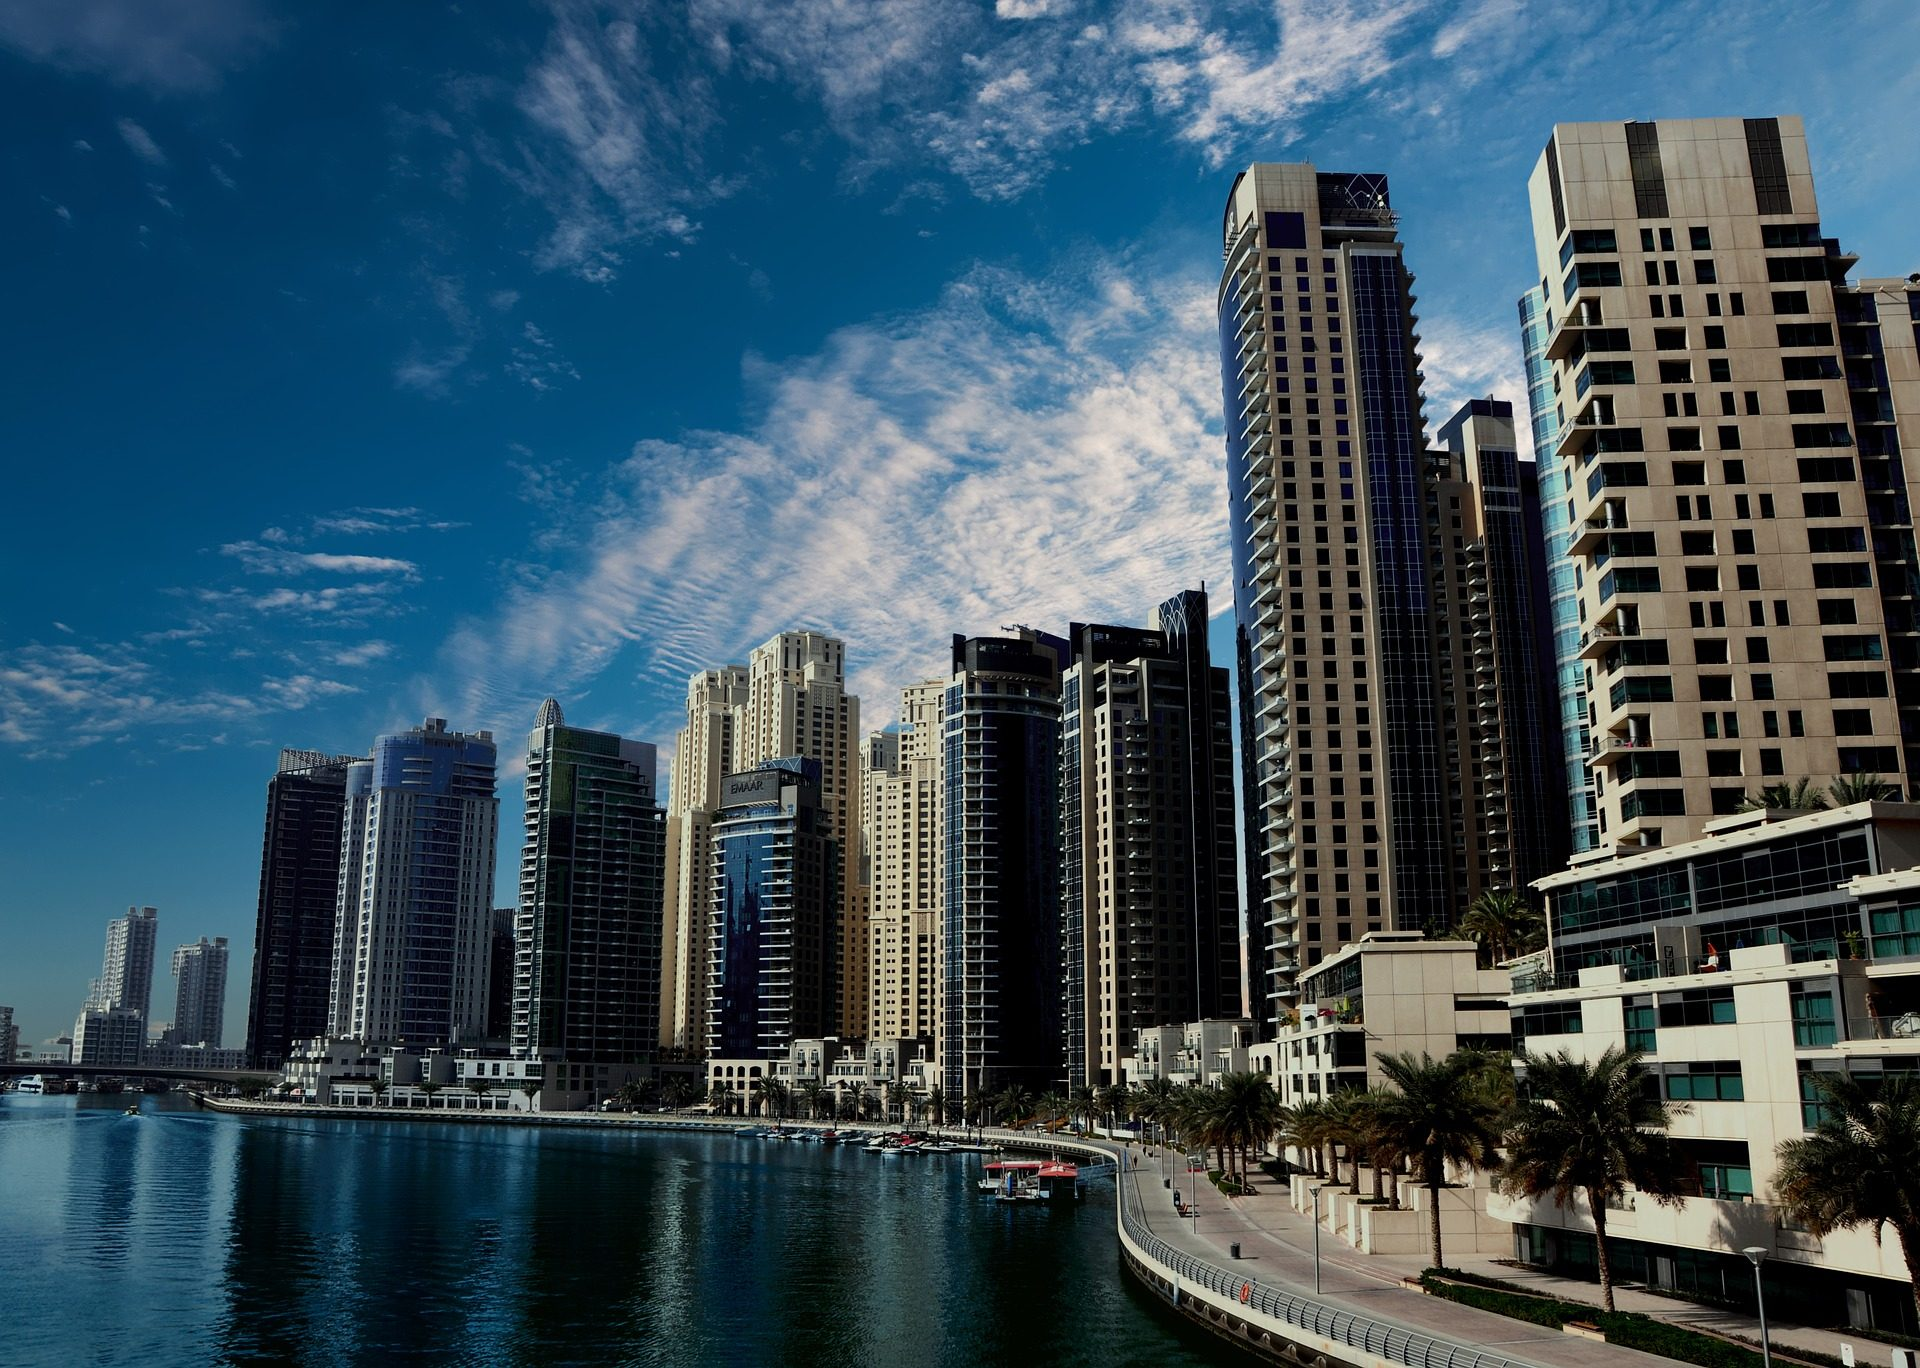 城市, 摩天大楼, 建筑, 体系结构, Urbe, 水 - 高清壁纸 - 教授-falken.com